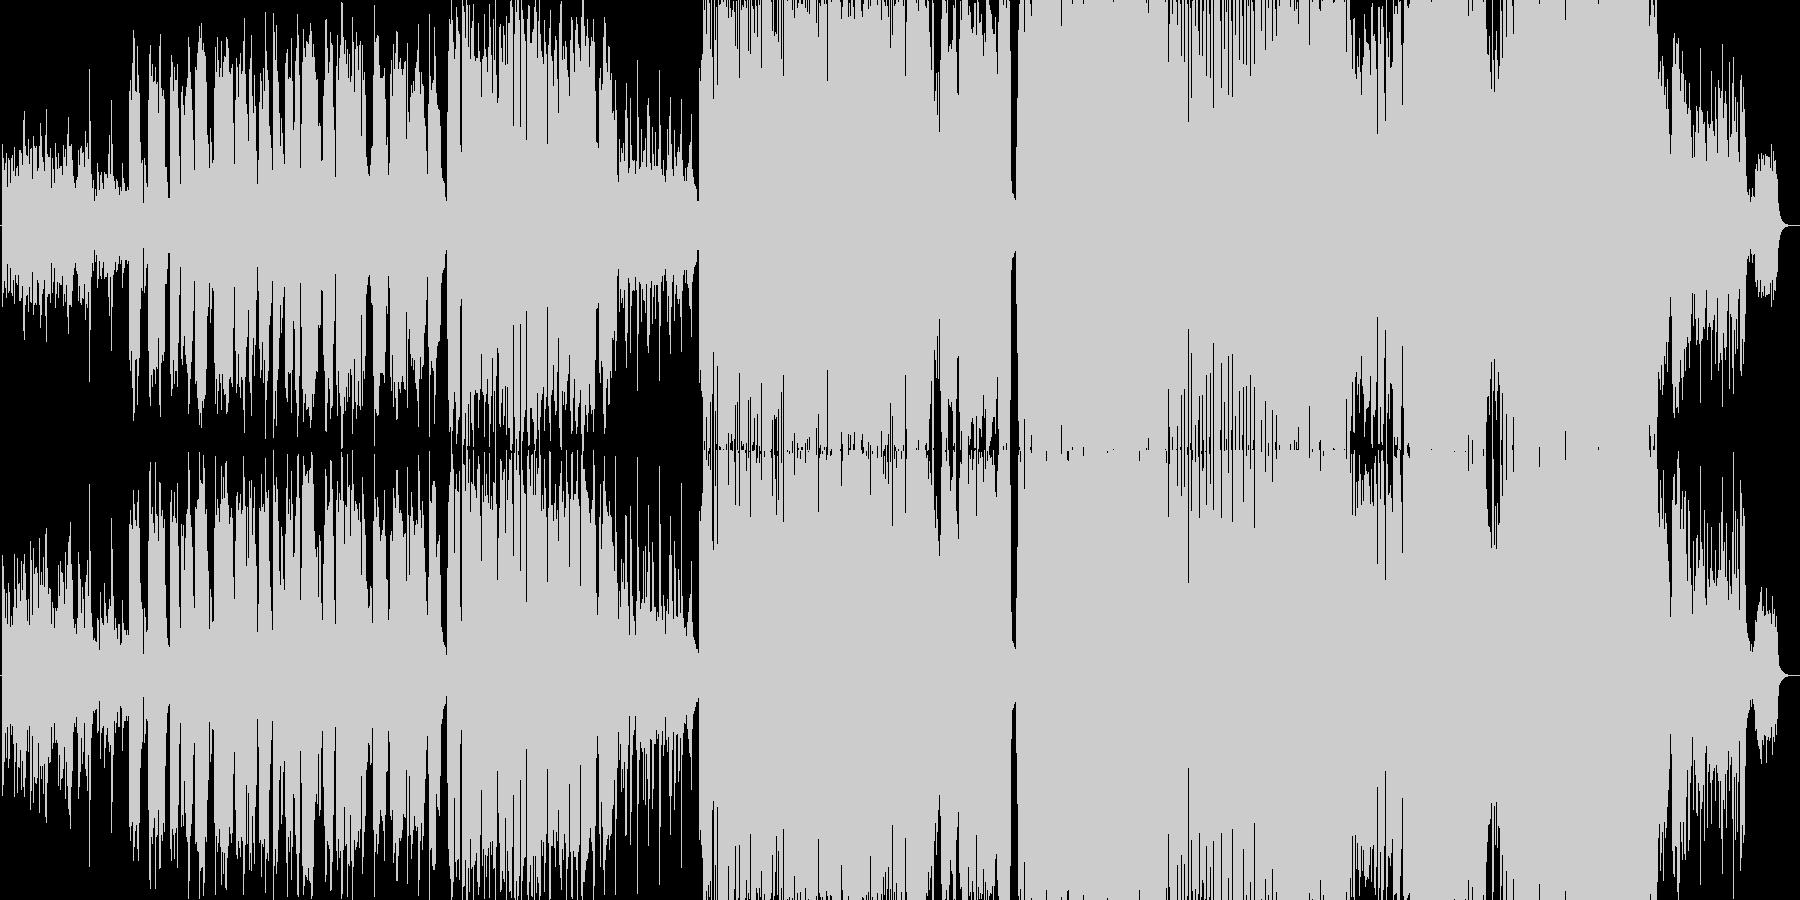 大人っぽく、やさしく落ち着いたバラードの未再生の波形